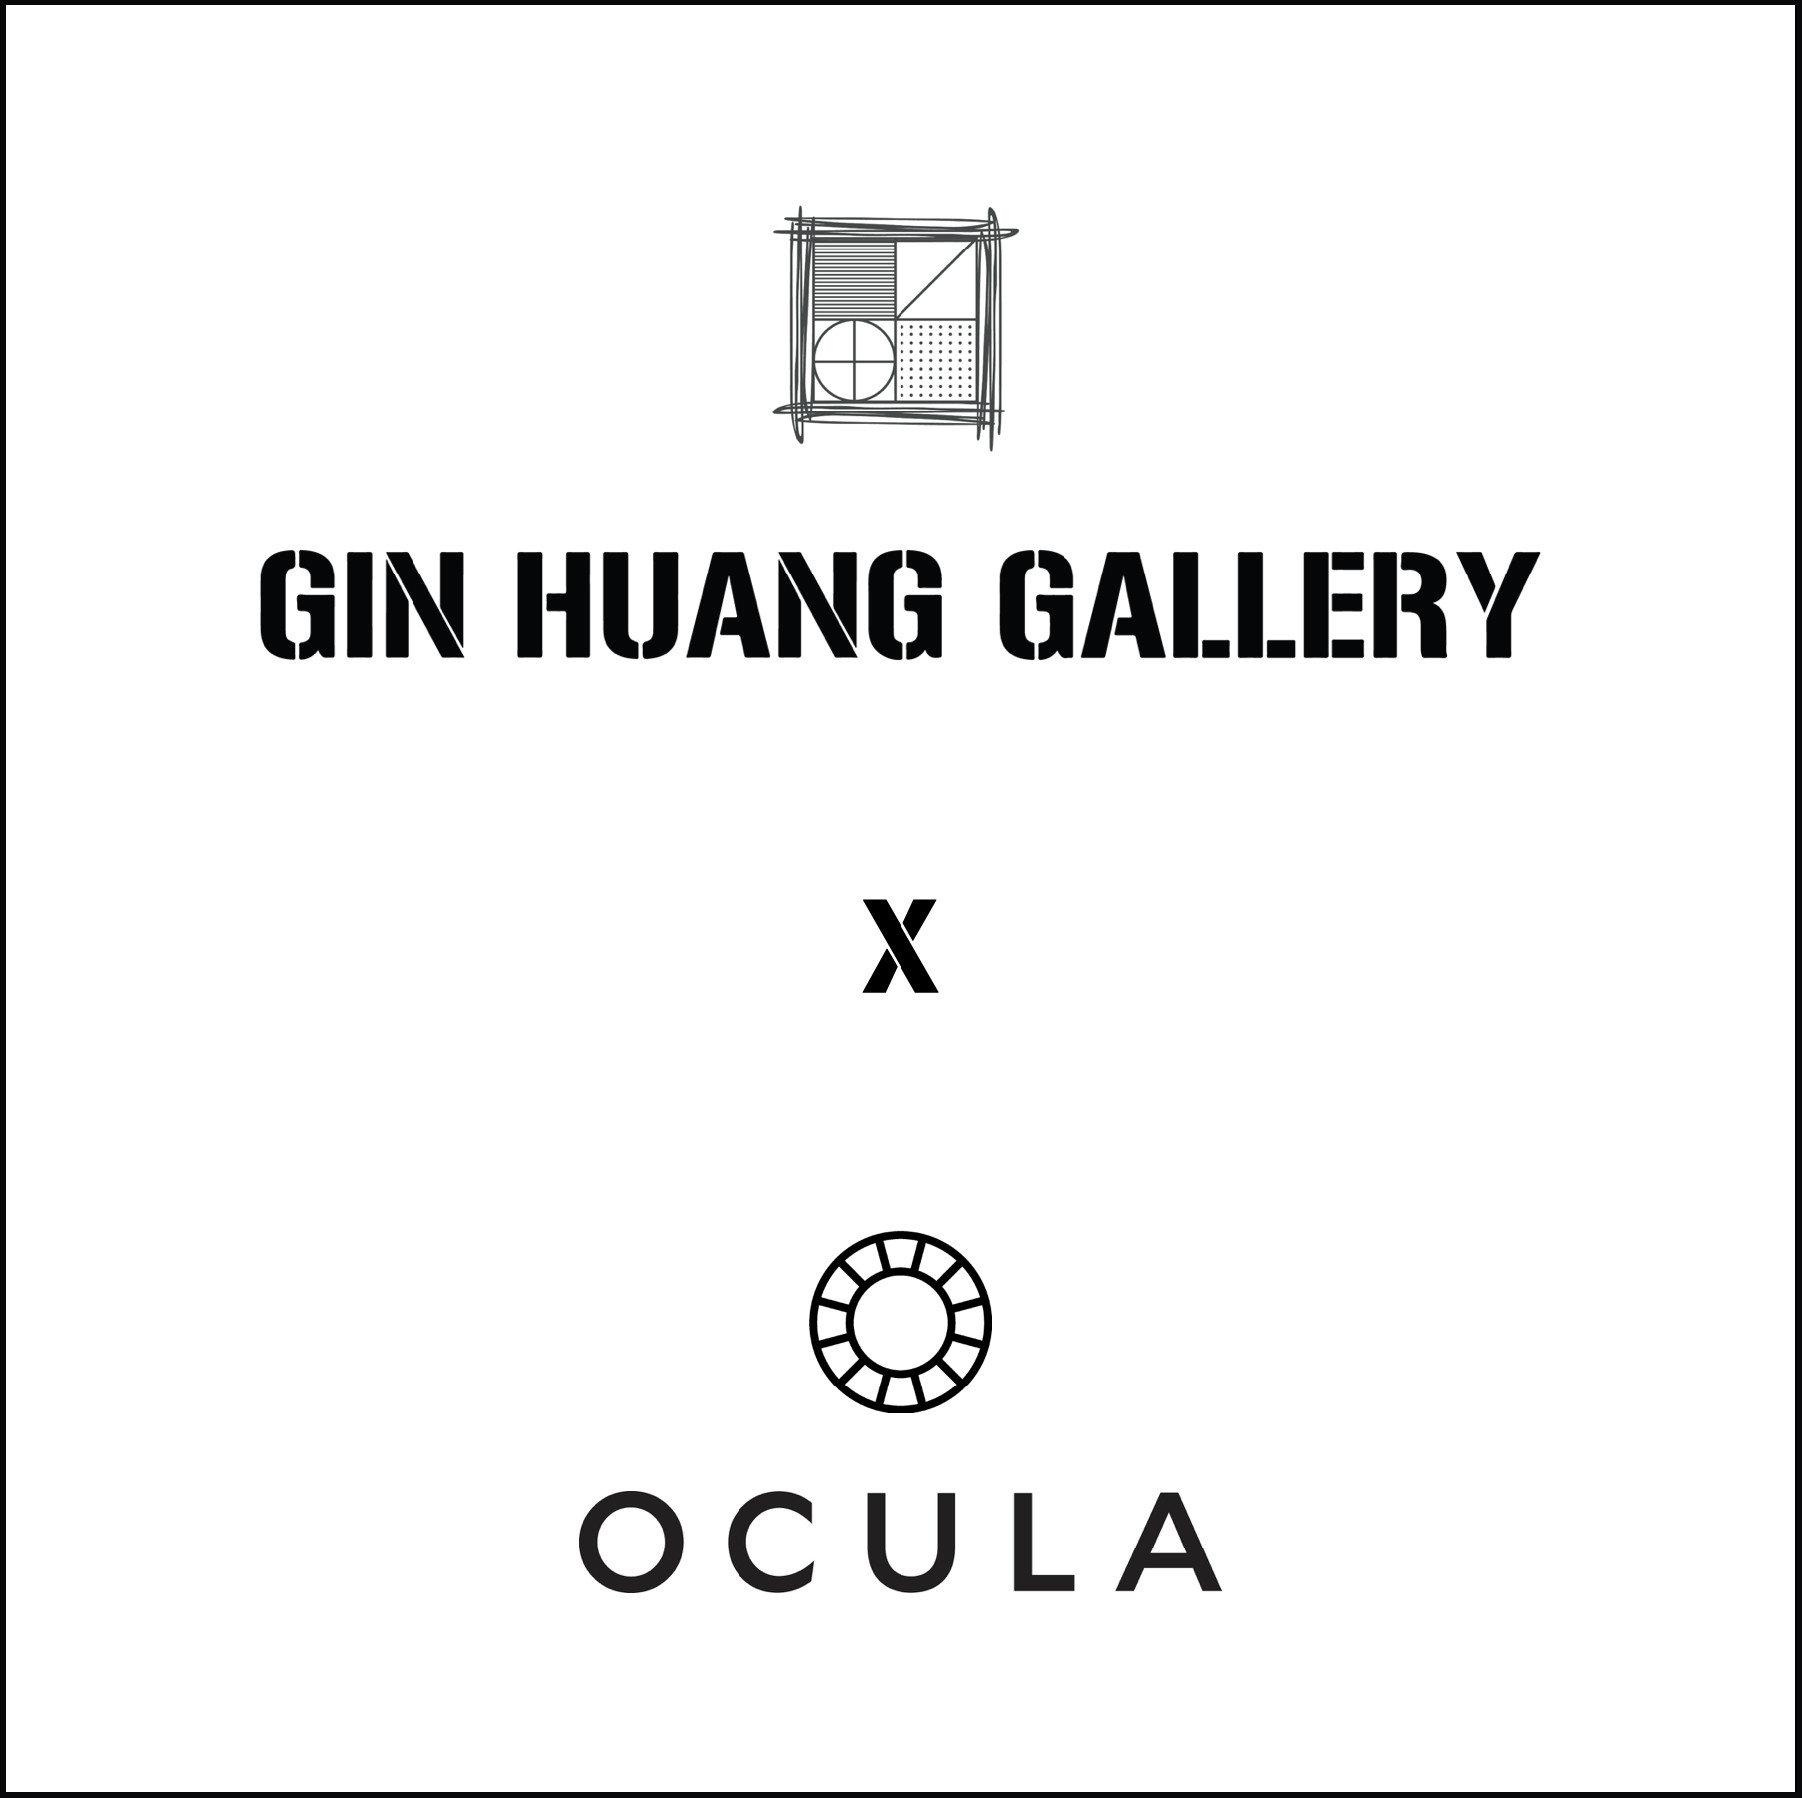 Gin Huang Gallery x Ocula